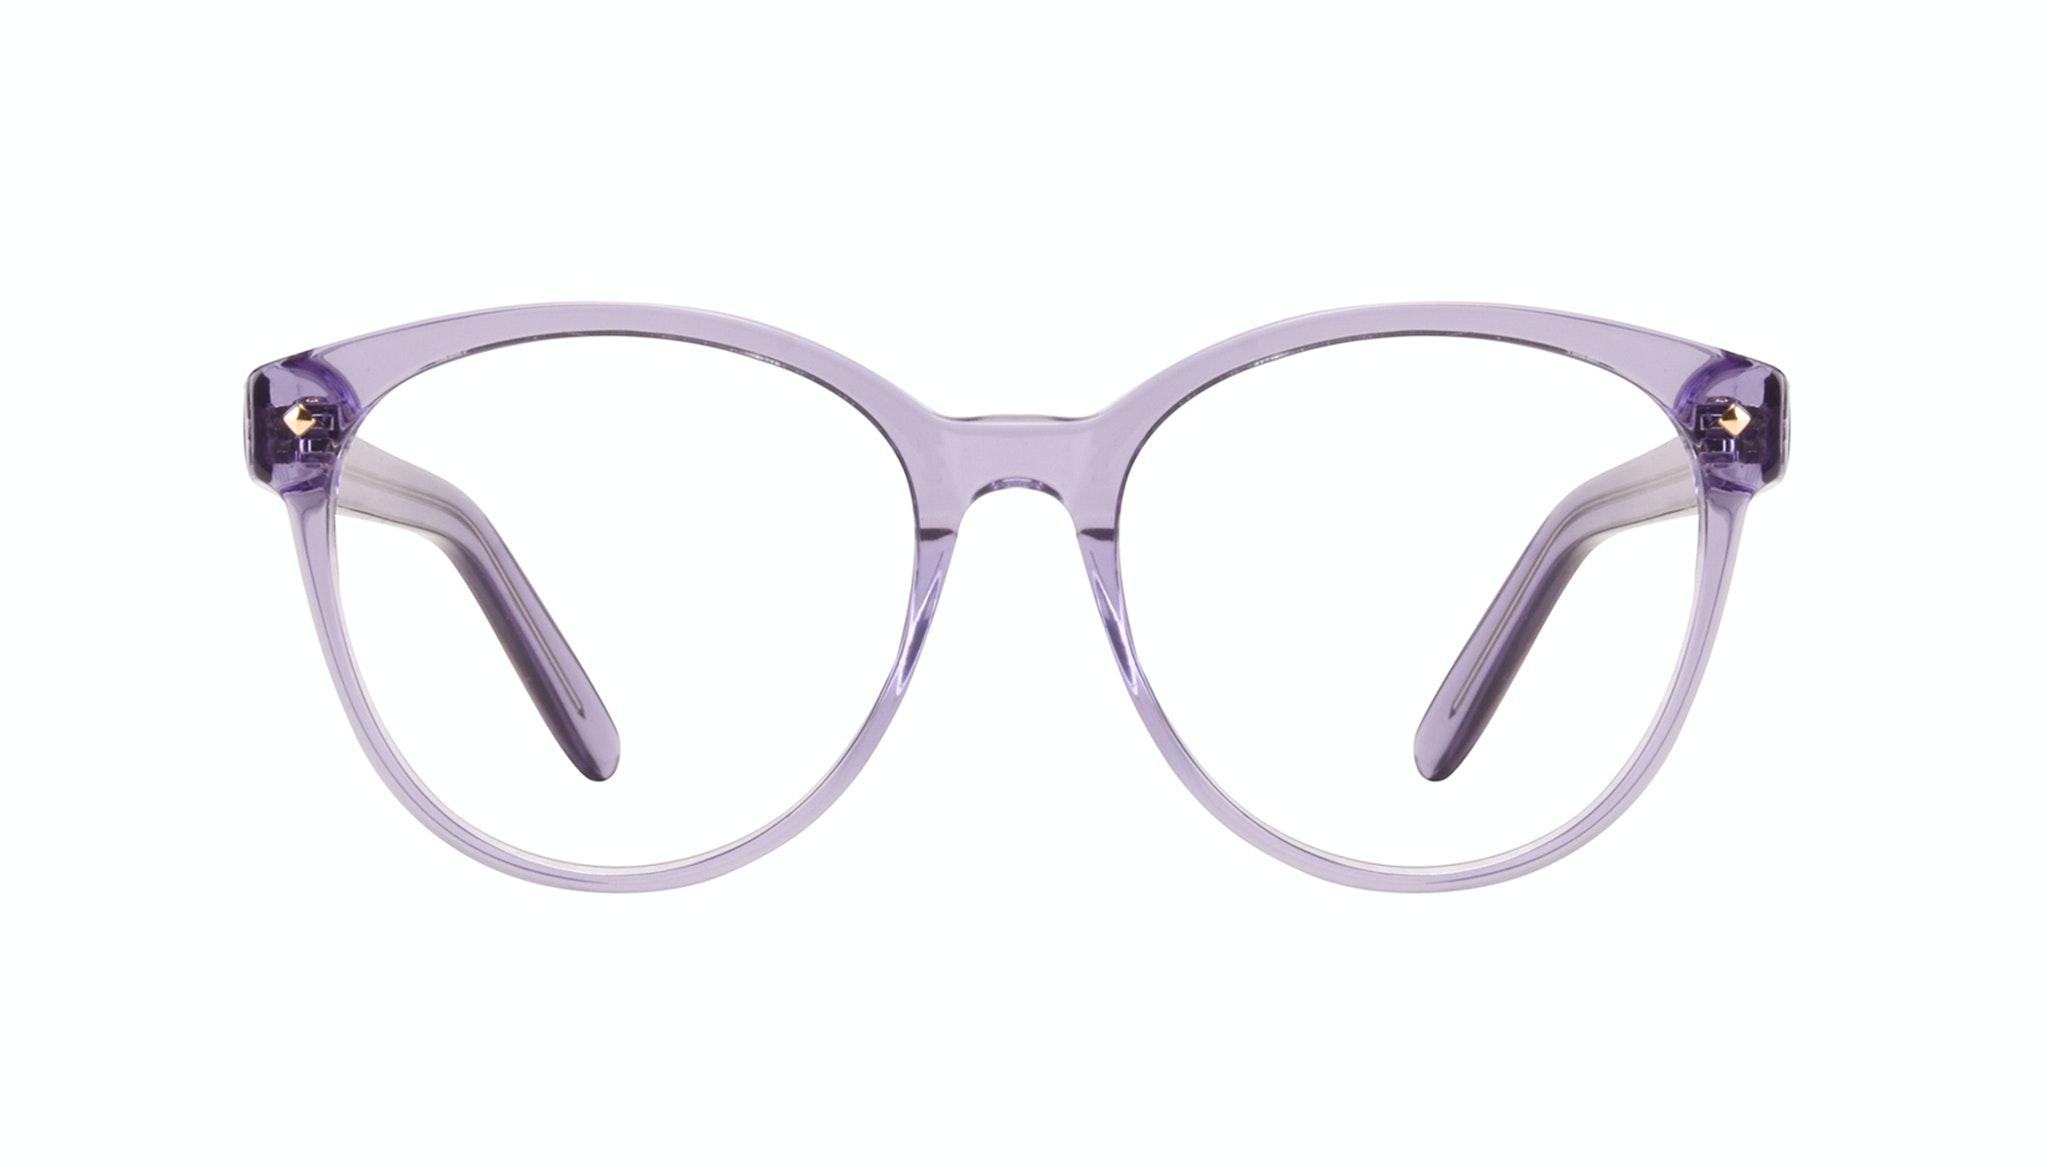 Lunettes tendance Ronde Lunettes de vue Femmes Eclipse Lavender